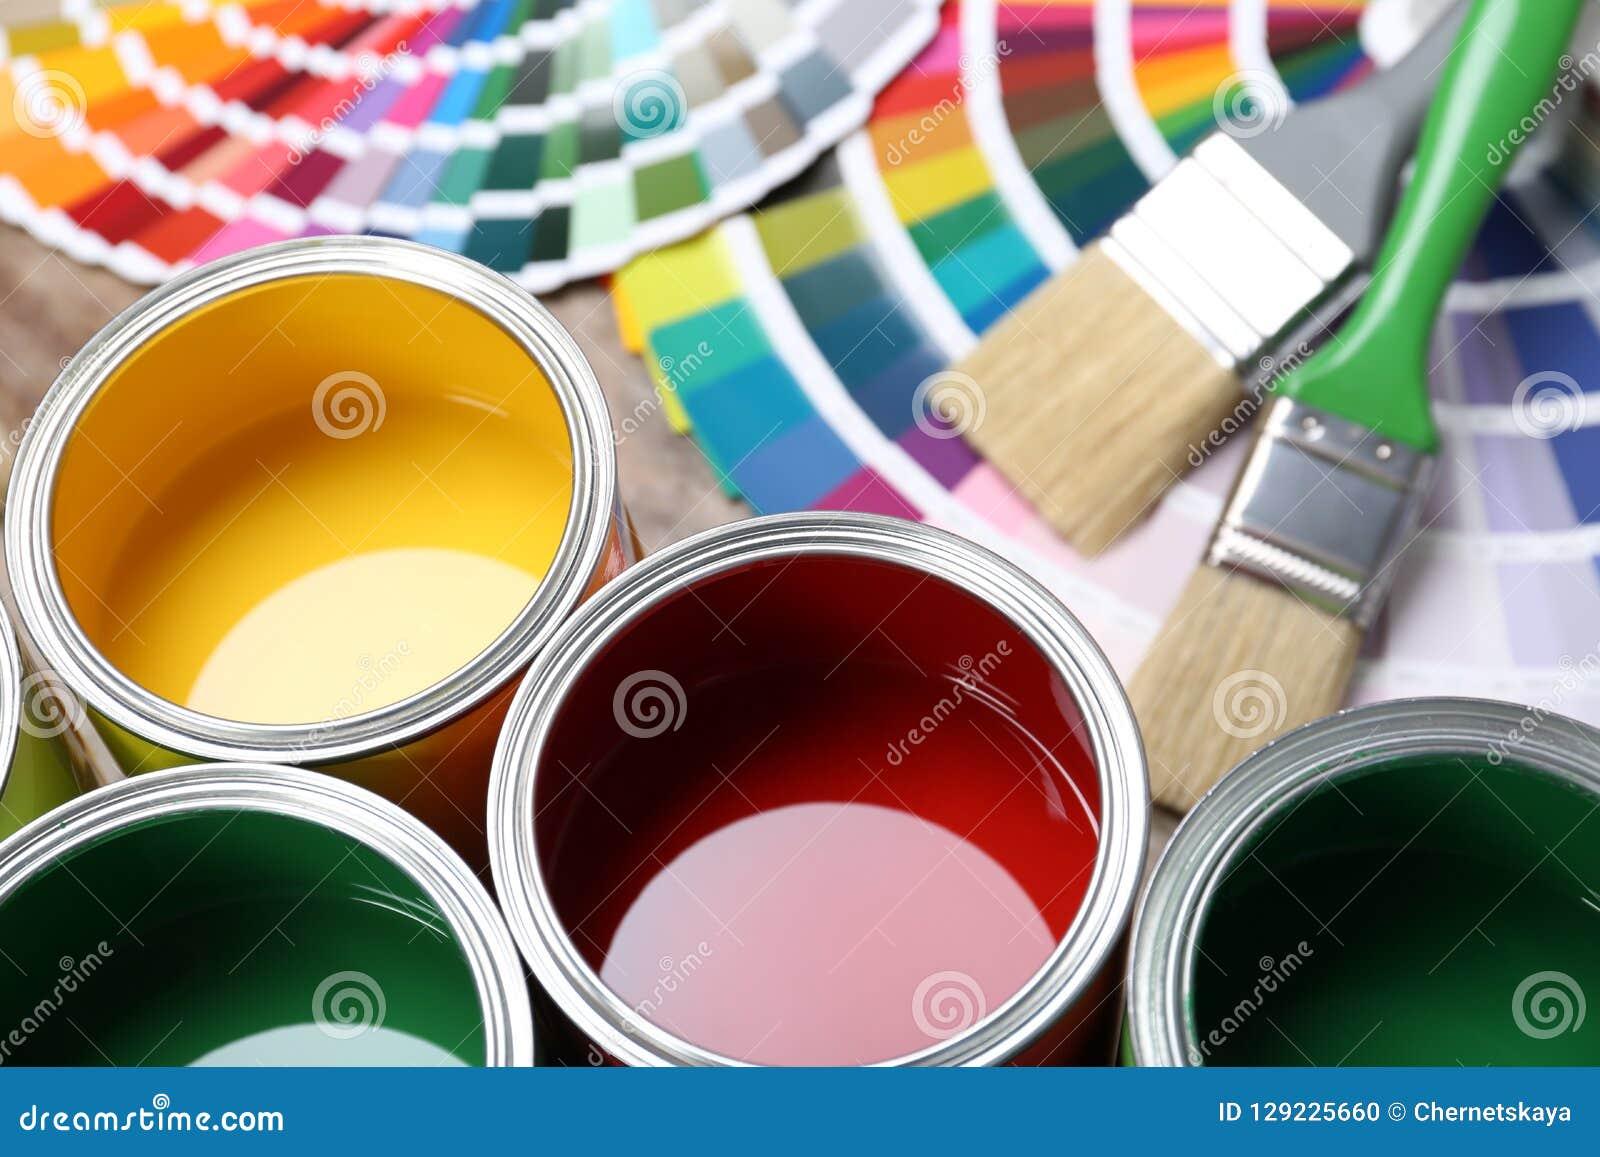 Dipinga le latte, i campioni della tavolozza di colore e le spazzole sulla tavola